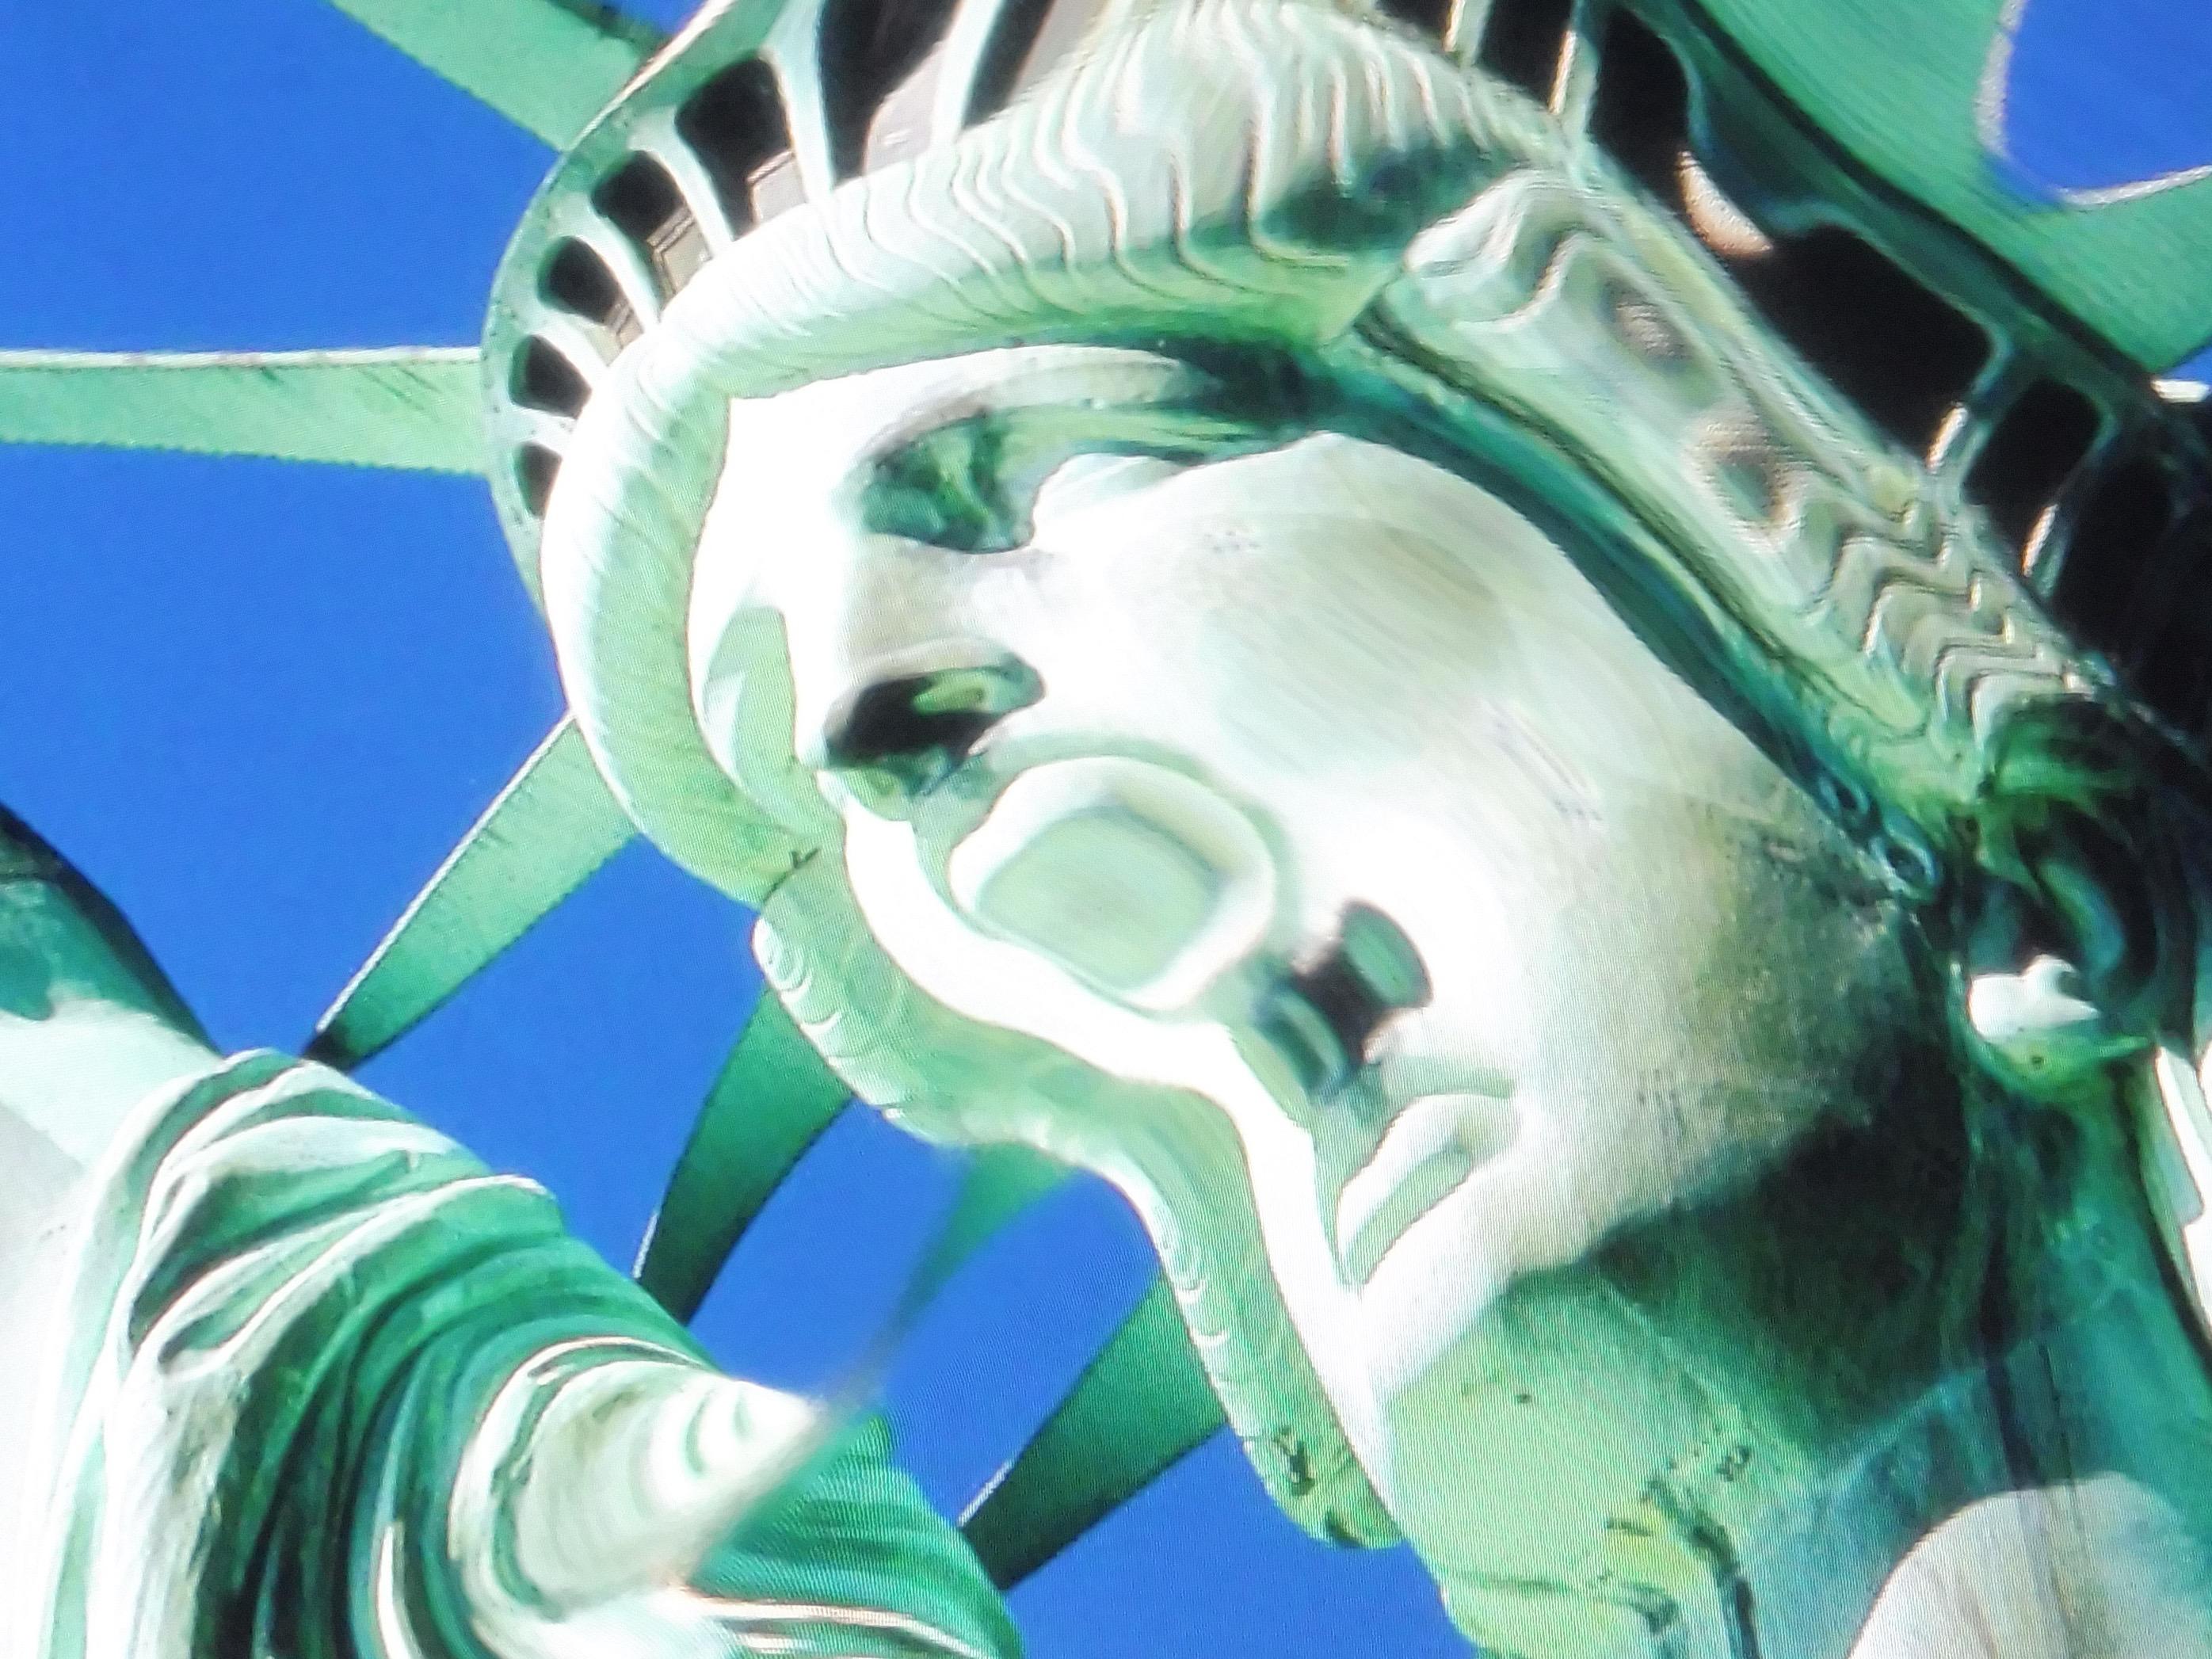 Anamorphic New York